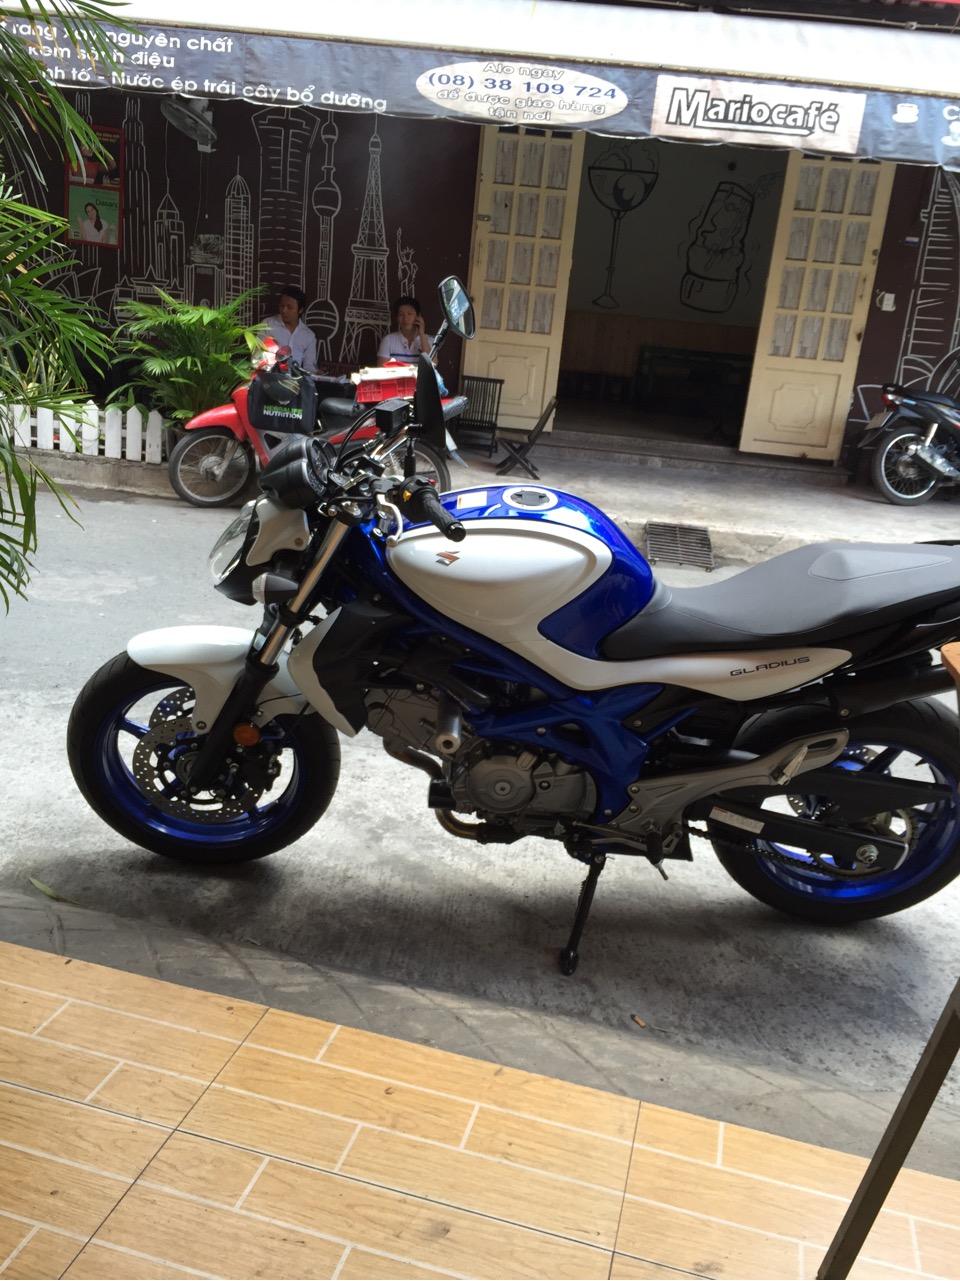 Hcm Suzuki gladius 650 hqcn 189 tr